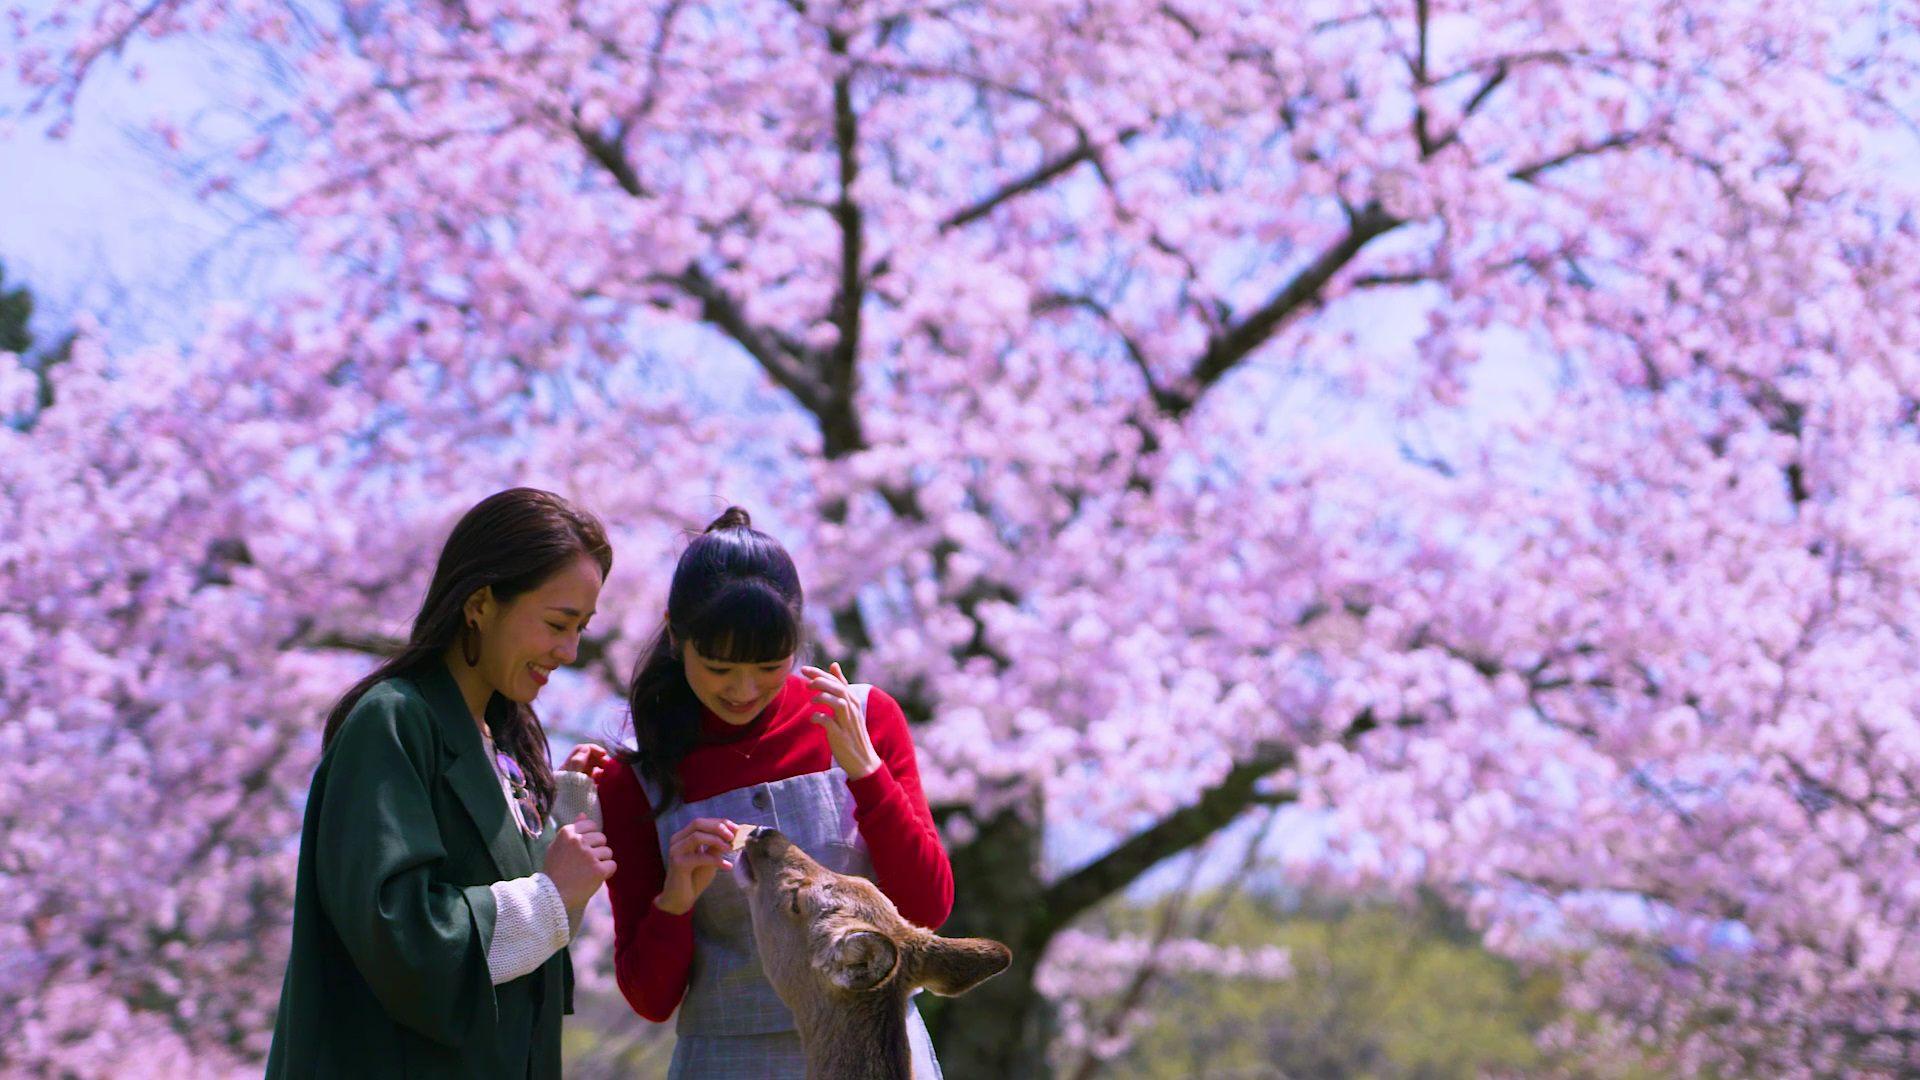 盛开的樱花与亲近人群的野生鹿群